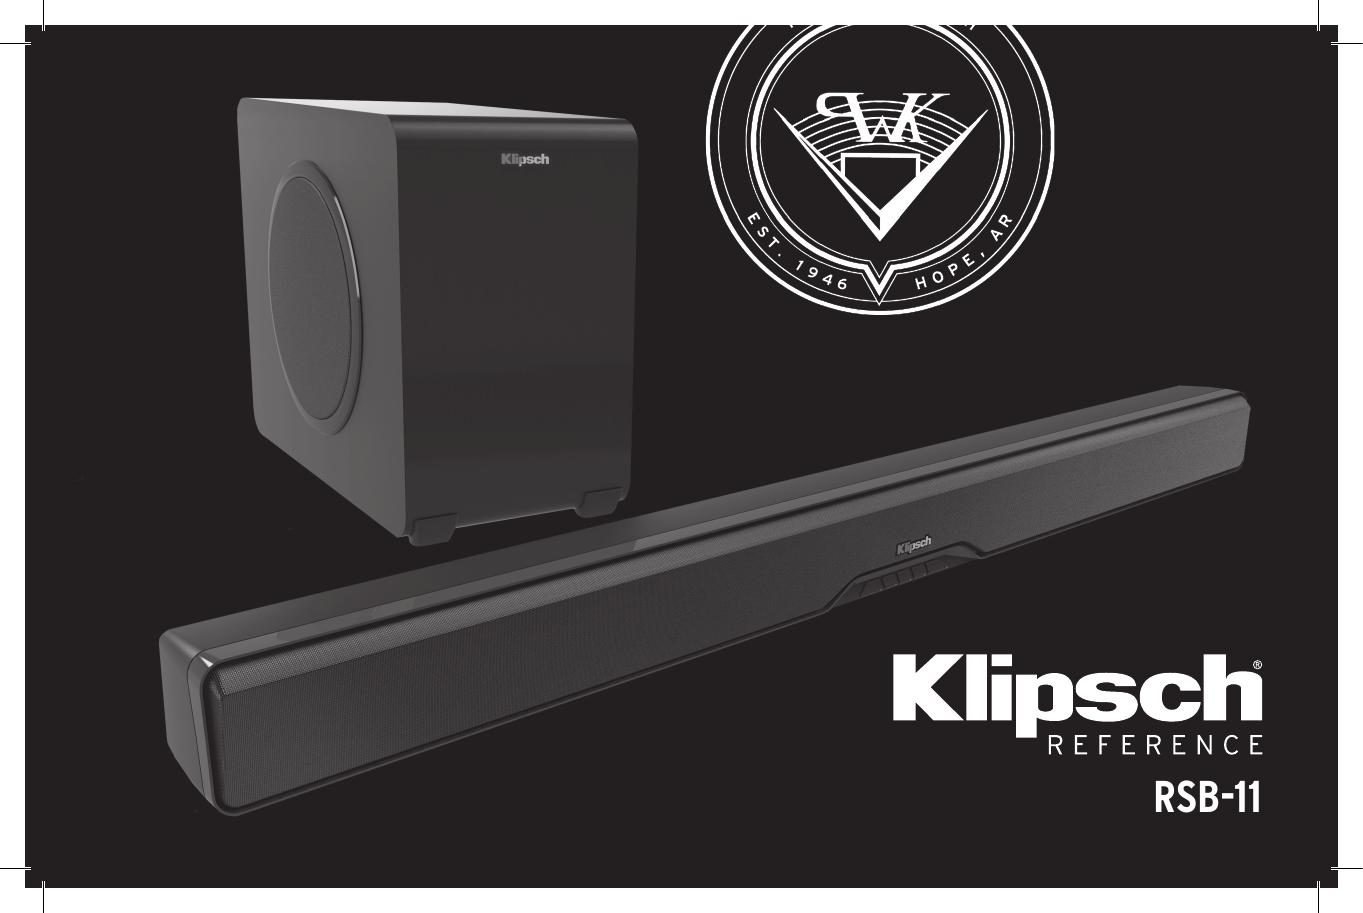 Klipsch RSB-11 Soundbar and Subwoofer